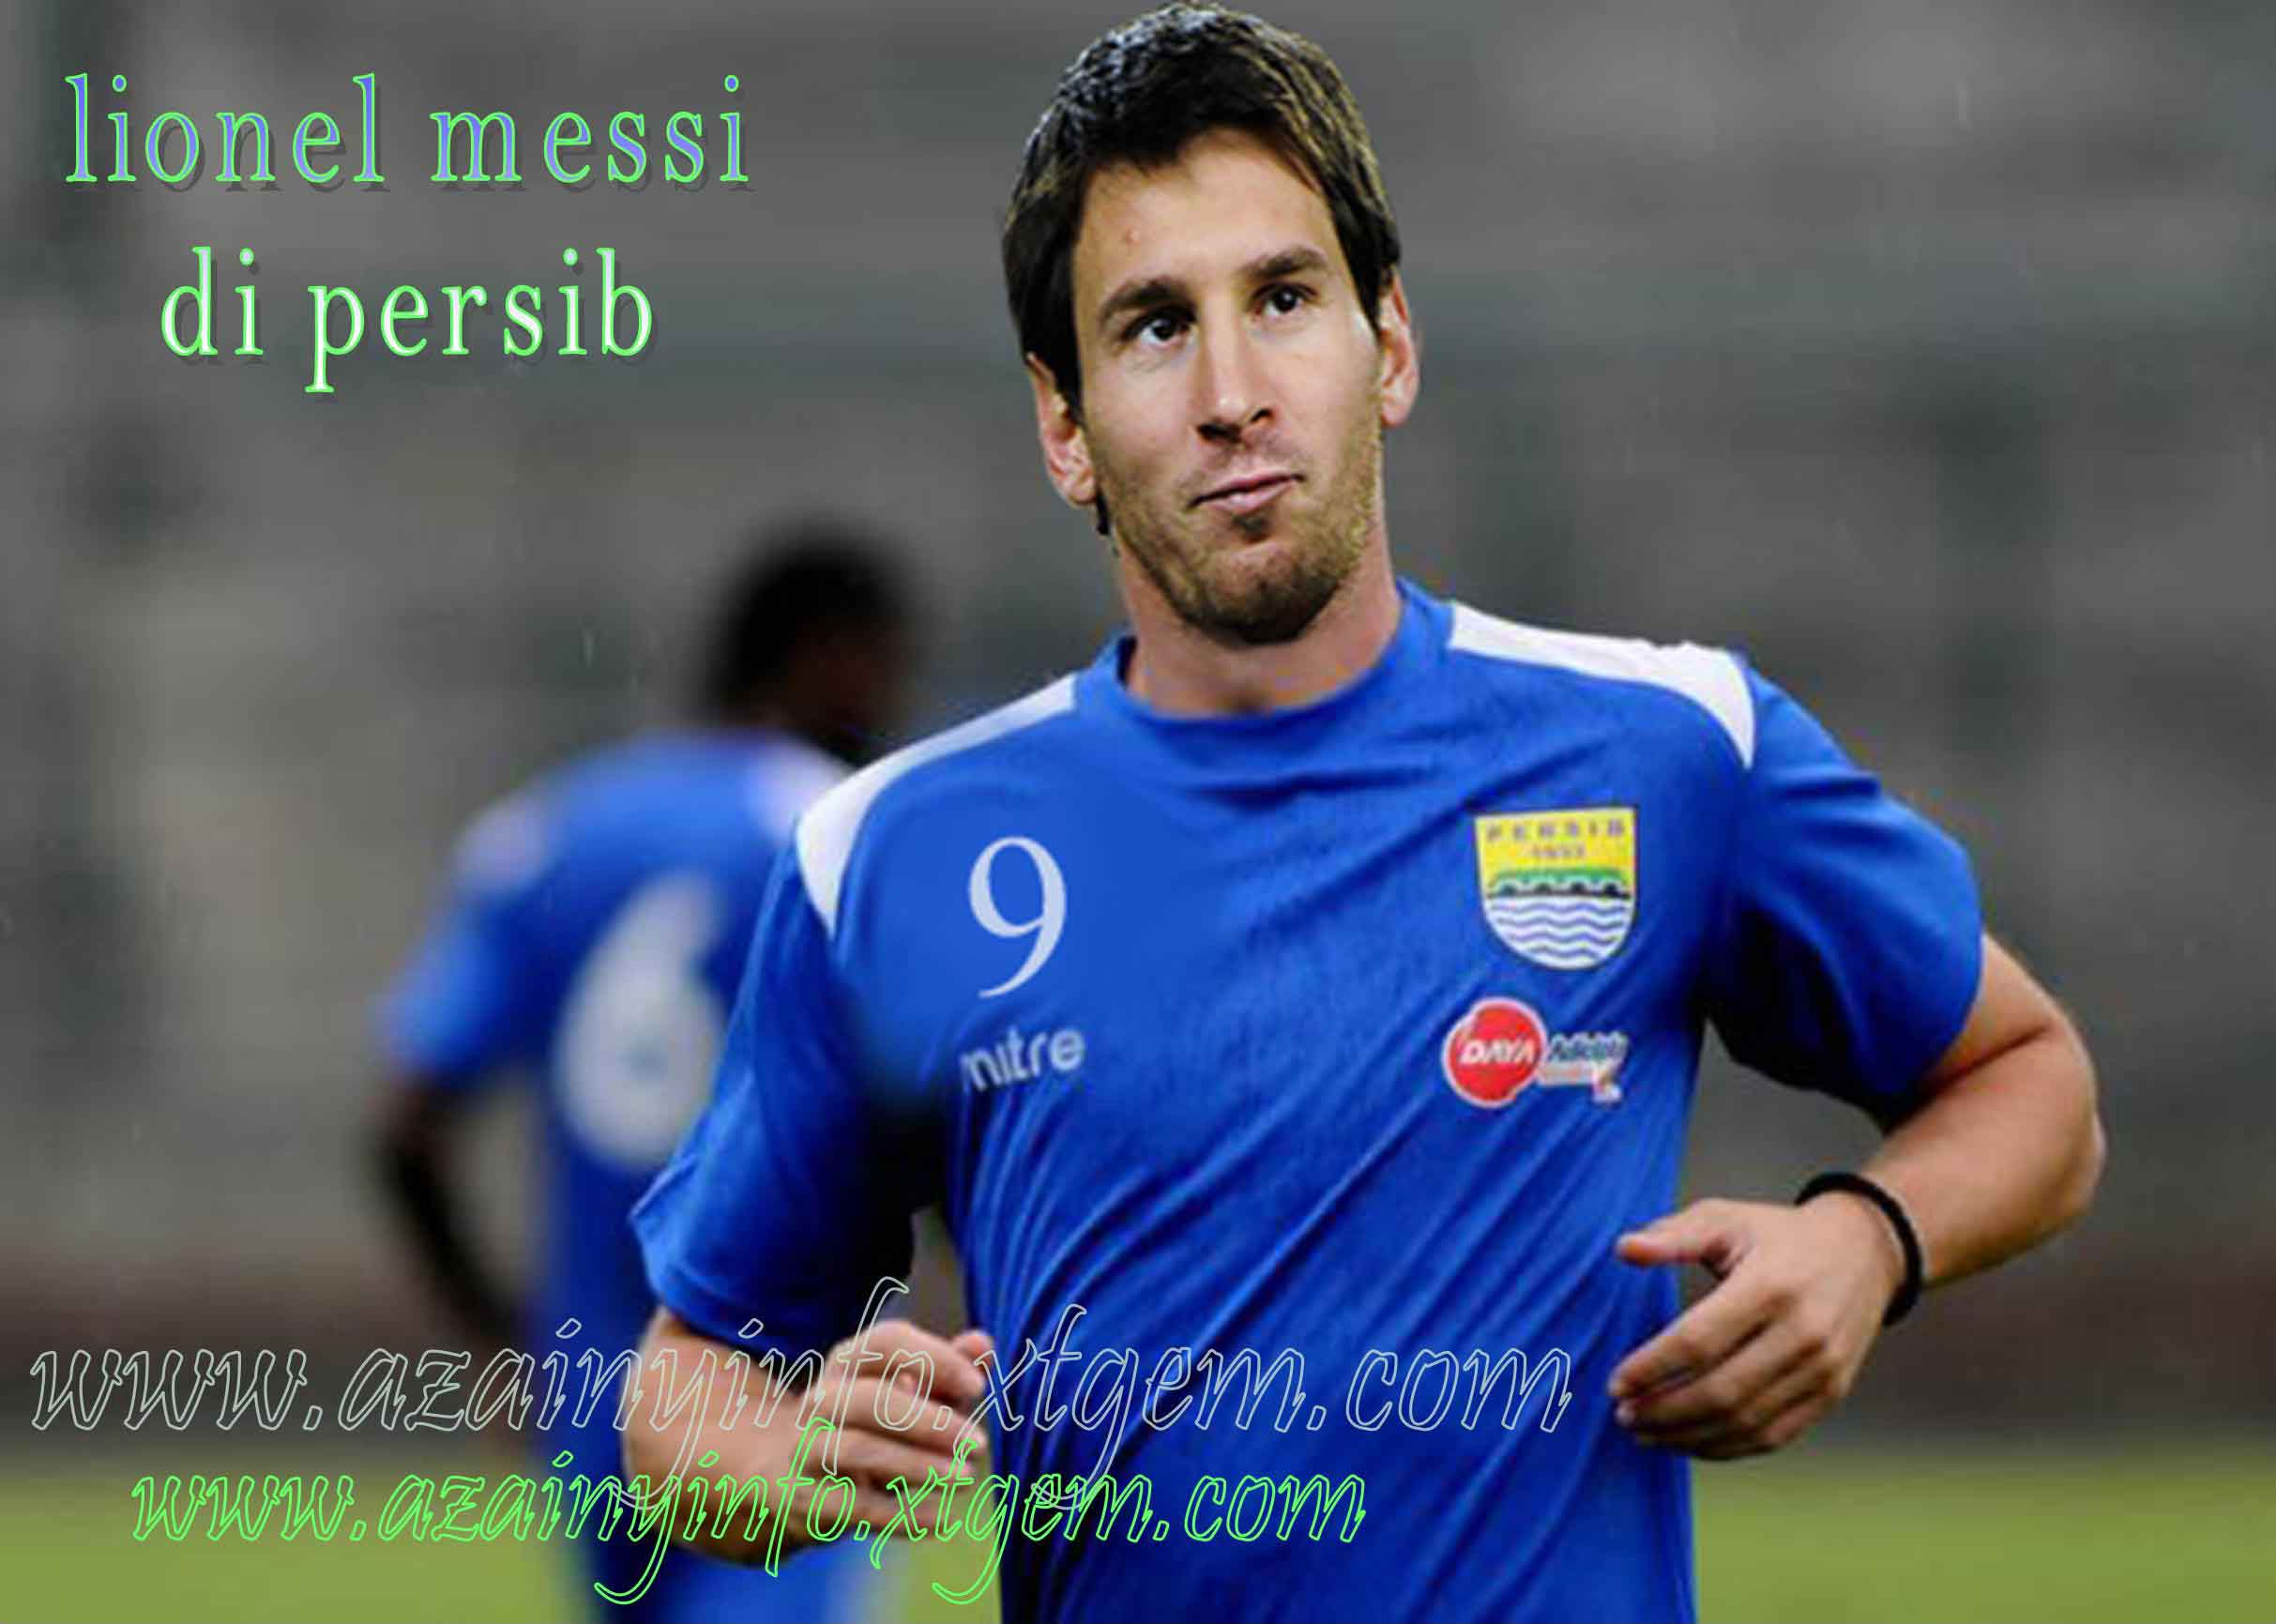 Lionel messi di persib 2012 pemain baru persib bandung gambar untuk ...